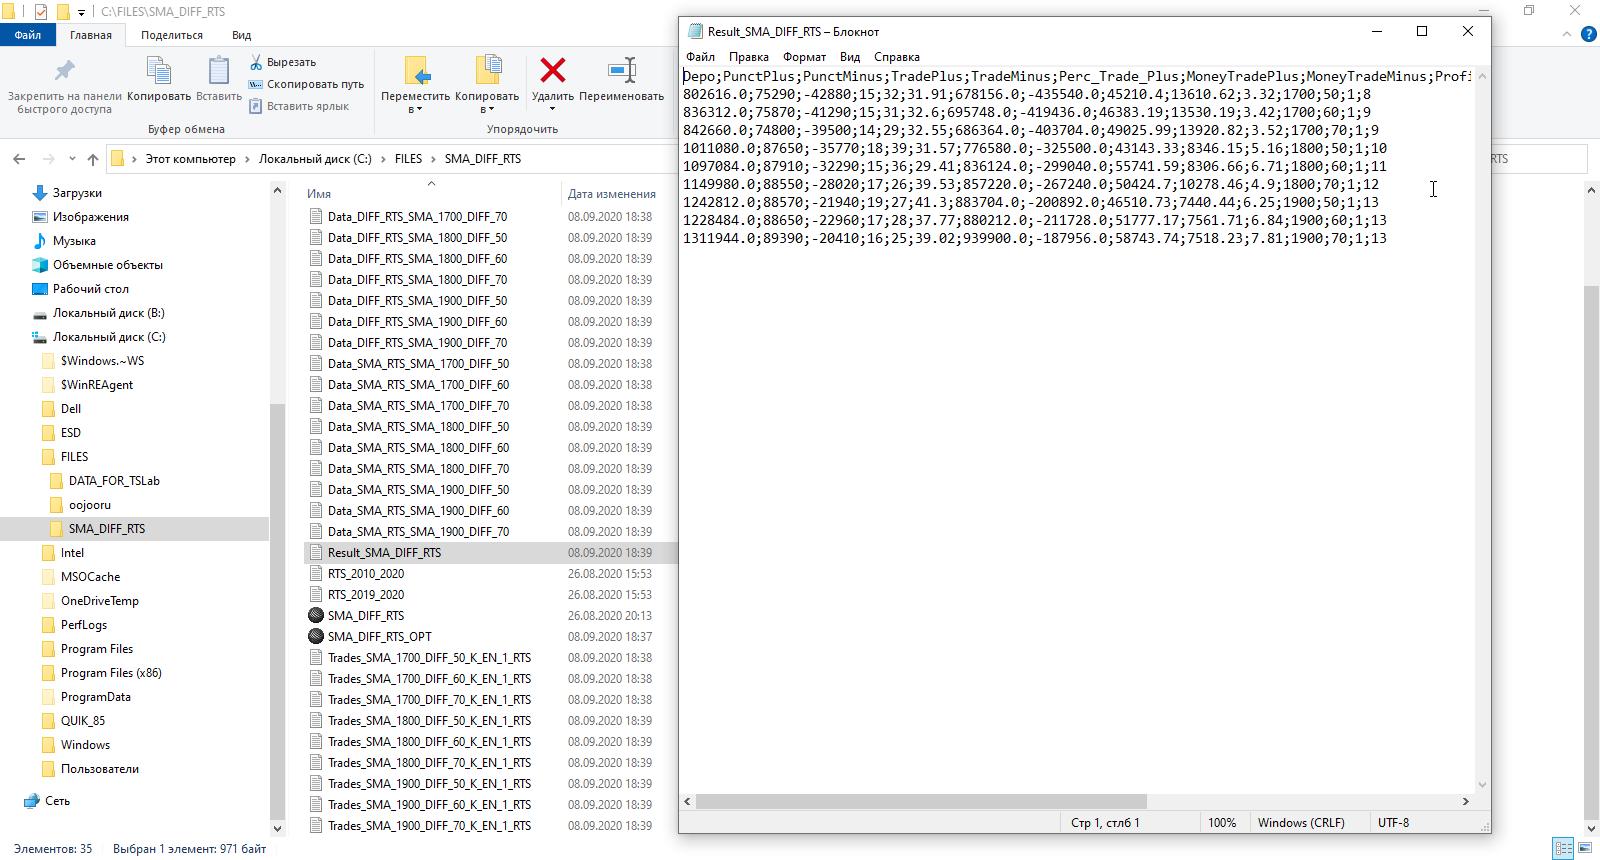 QUIK LUA файл с результатом тестов алгоритма фьючерс РТС RIH0